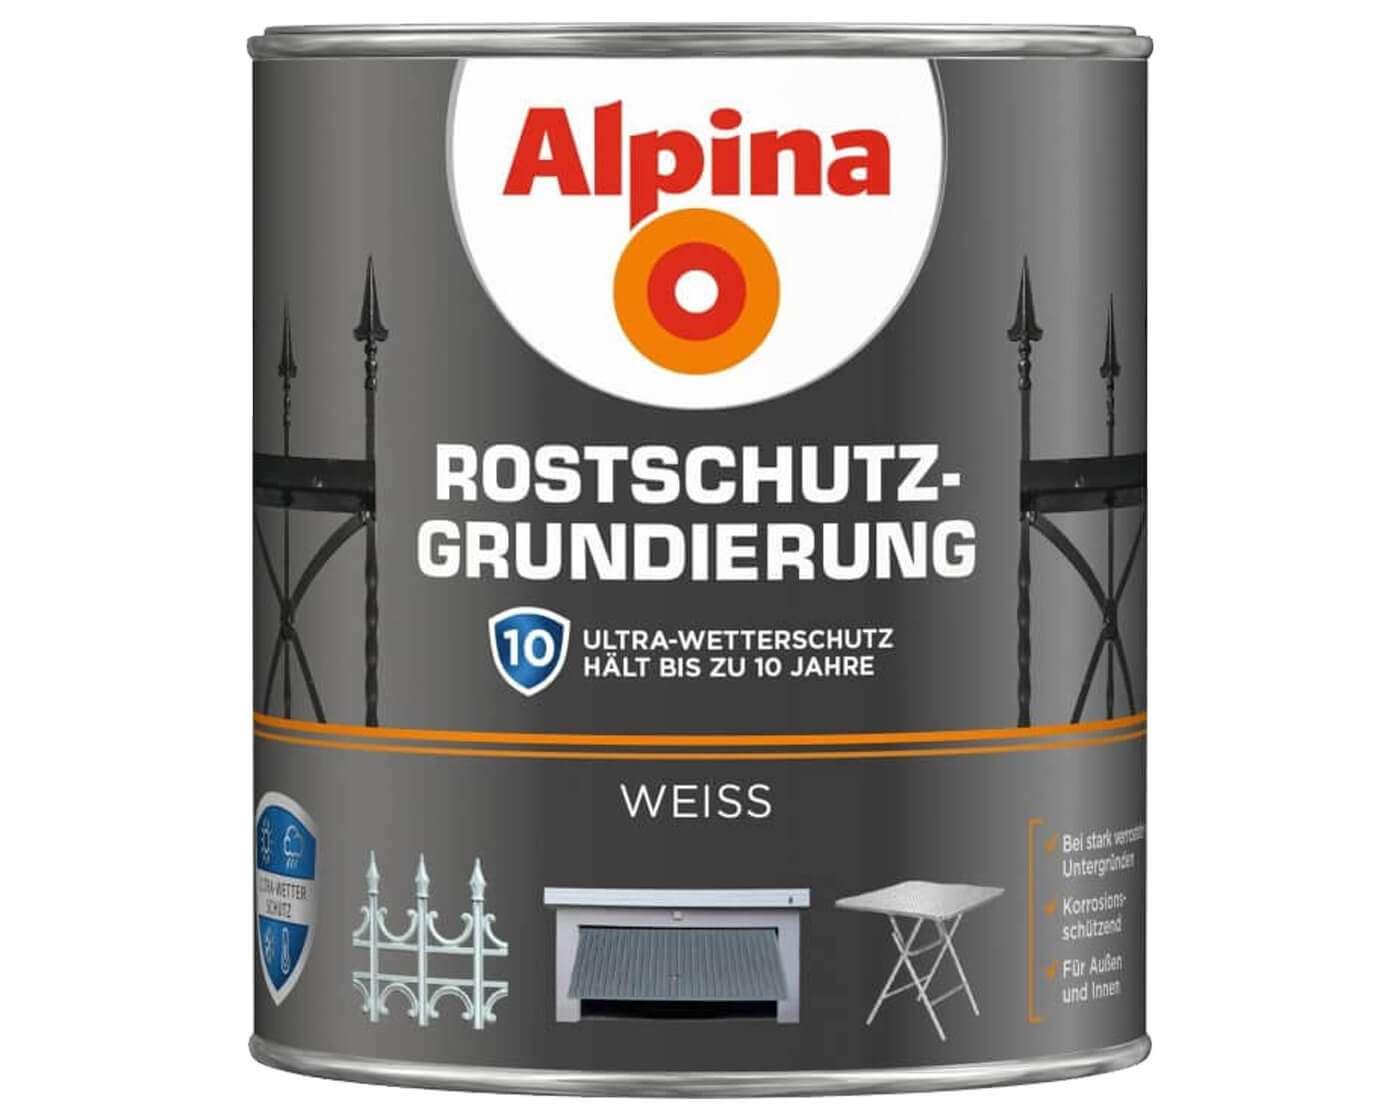 alpina rostschutz grundierung